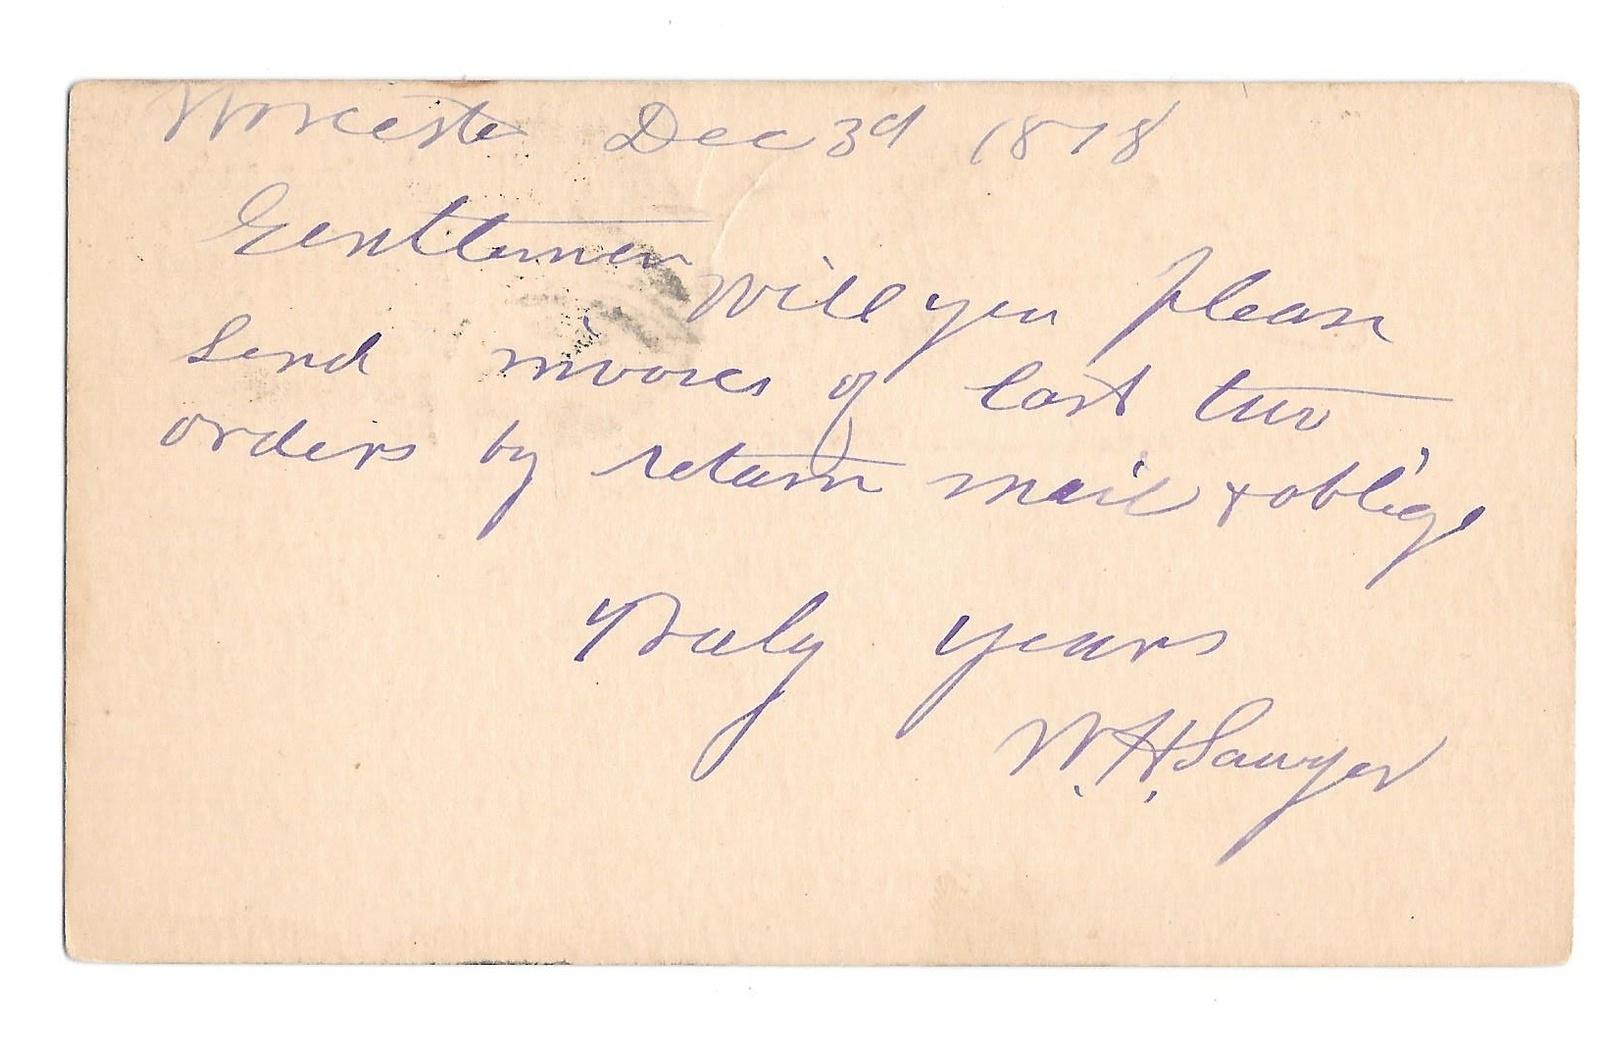 UX5 Worcester Mass 1878 Fancy Cork Cancel Wedges Postal Card image 2